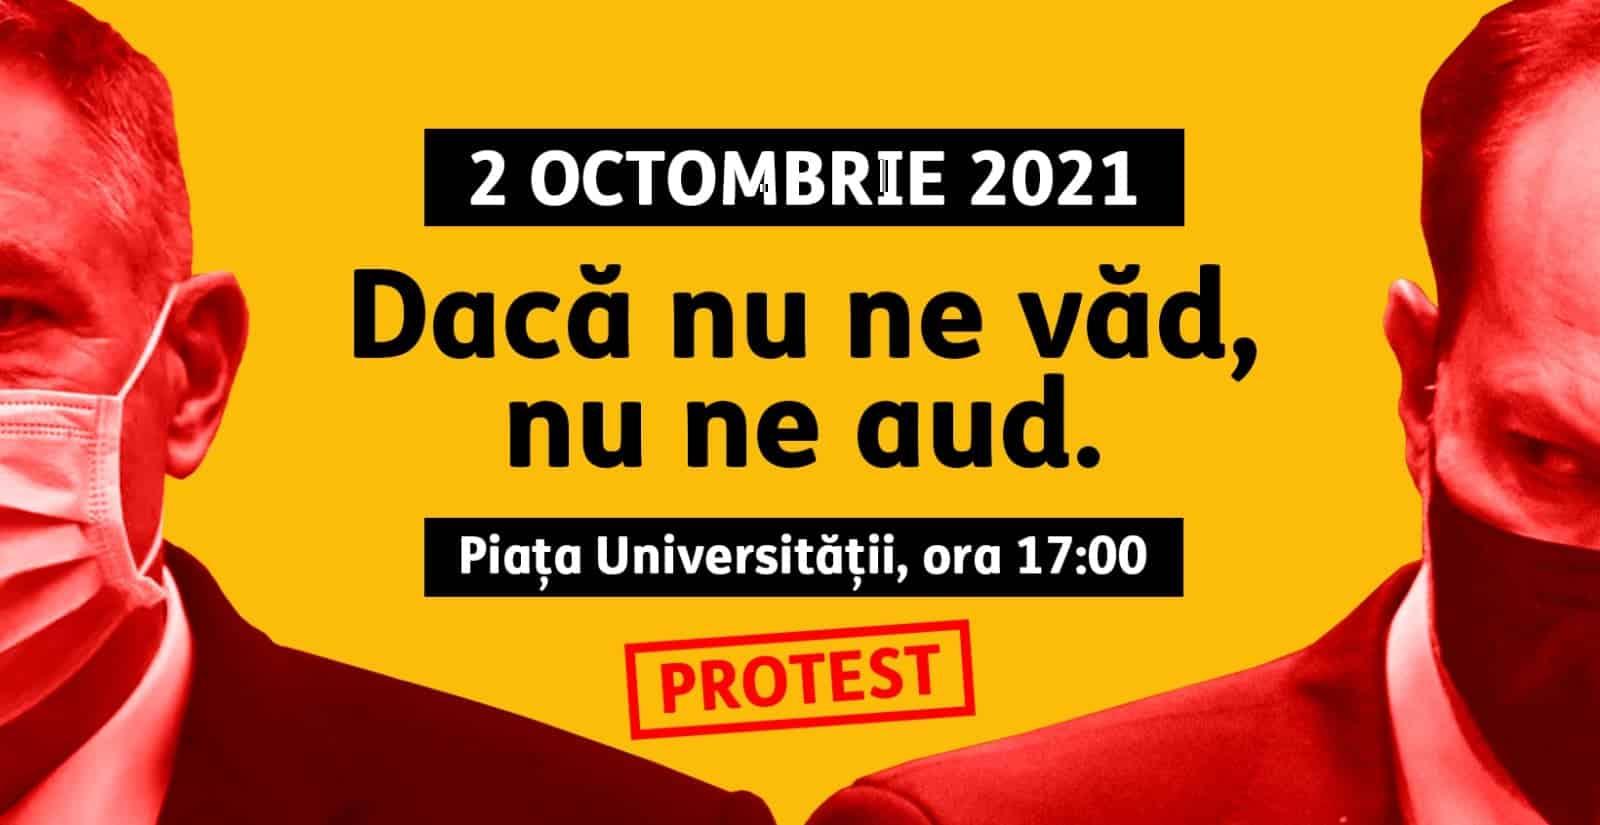 2 OCTOMBRIE, ȚINEȚI MINTE ACEASTĂ DATĂ! – CRITICII.RO